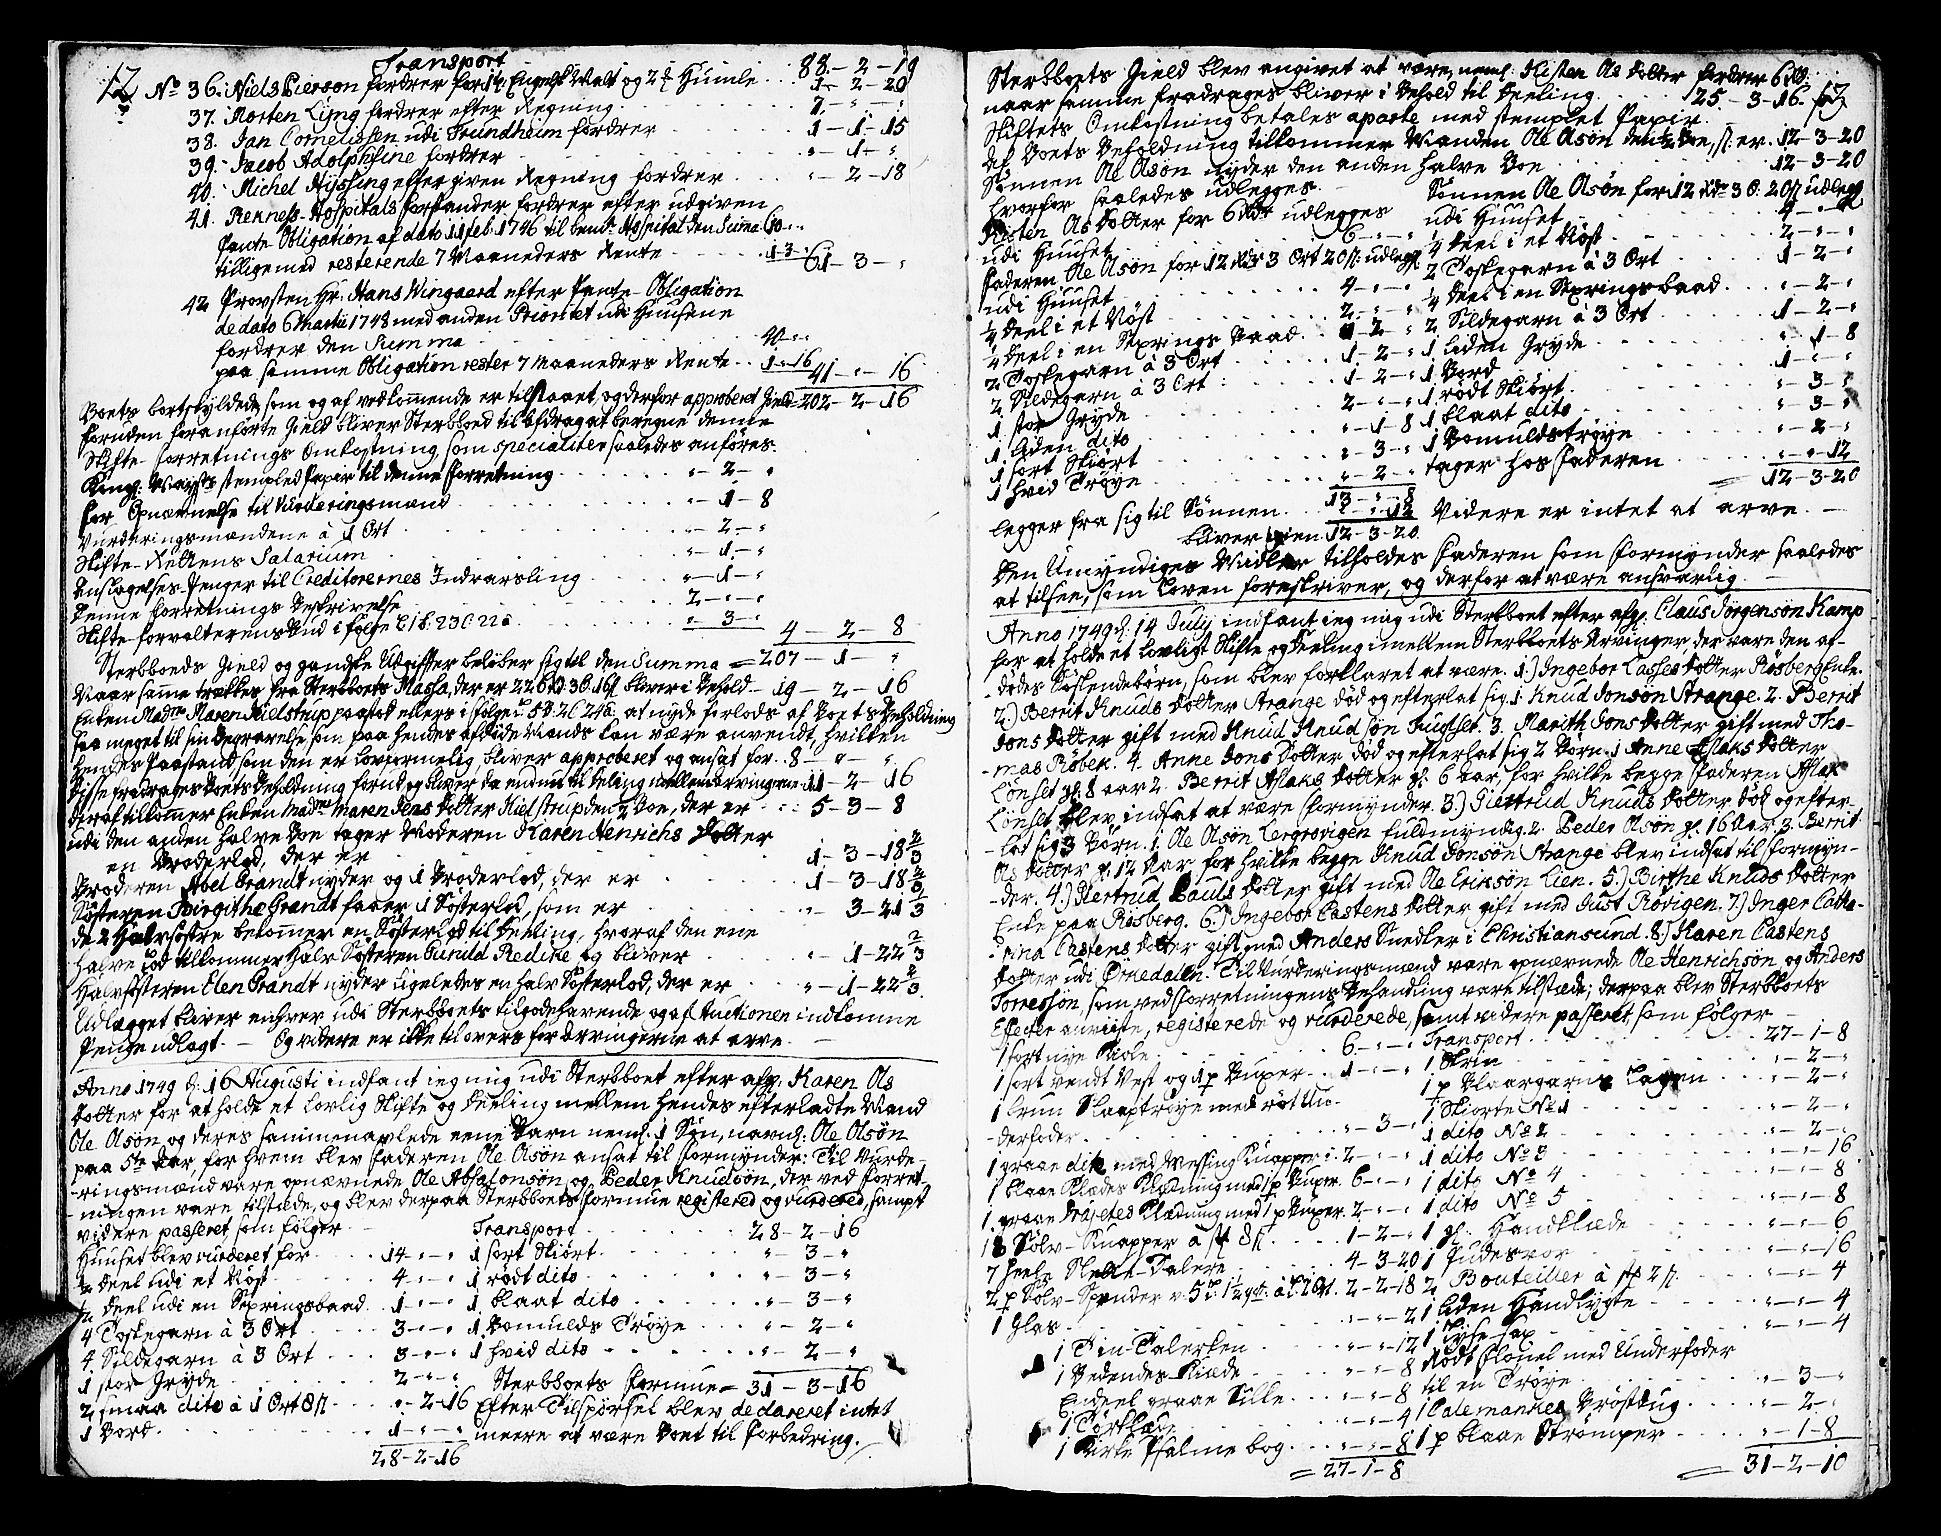 SAT, Molde byfogd, 3/3Aa/L0001: Skifteprotokoll, 1748-1768, s. 12-13